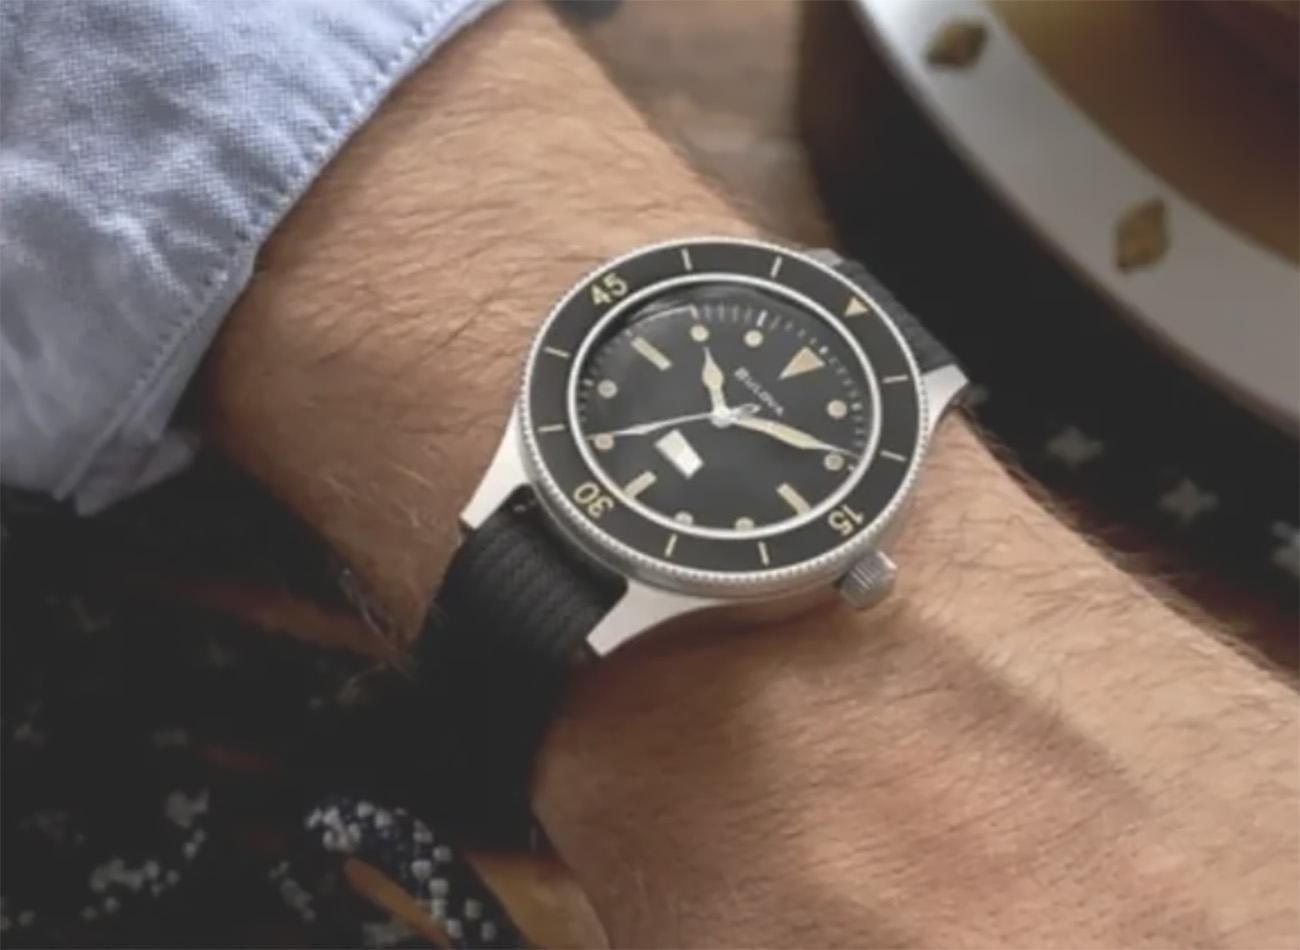 Η Bulova κυκλοφόρησε ένα ρολόι που δημιουργήθηκε για το Πολεμικό Ναυτικό των Η.Π.Α